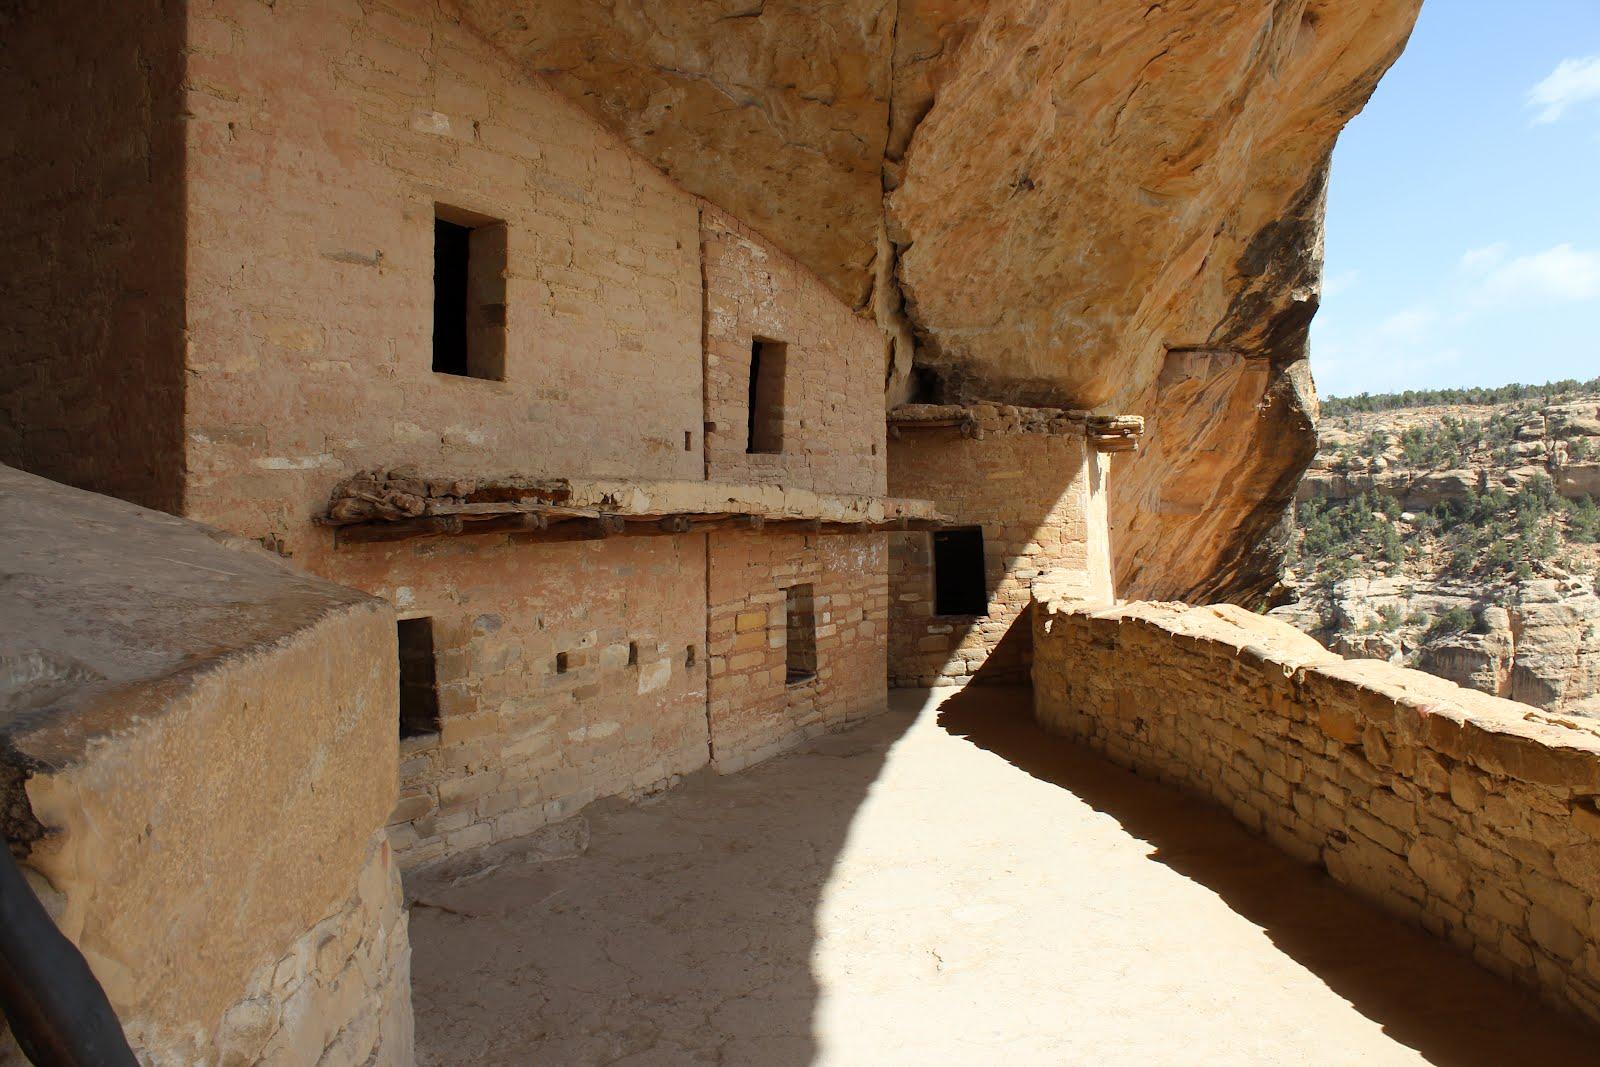 gjhikes.com: Balcony House